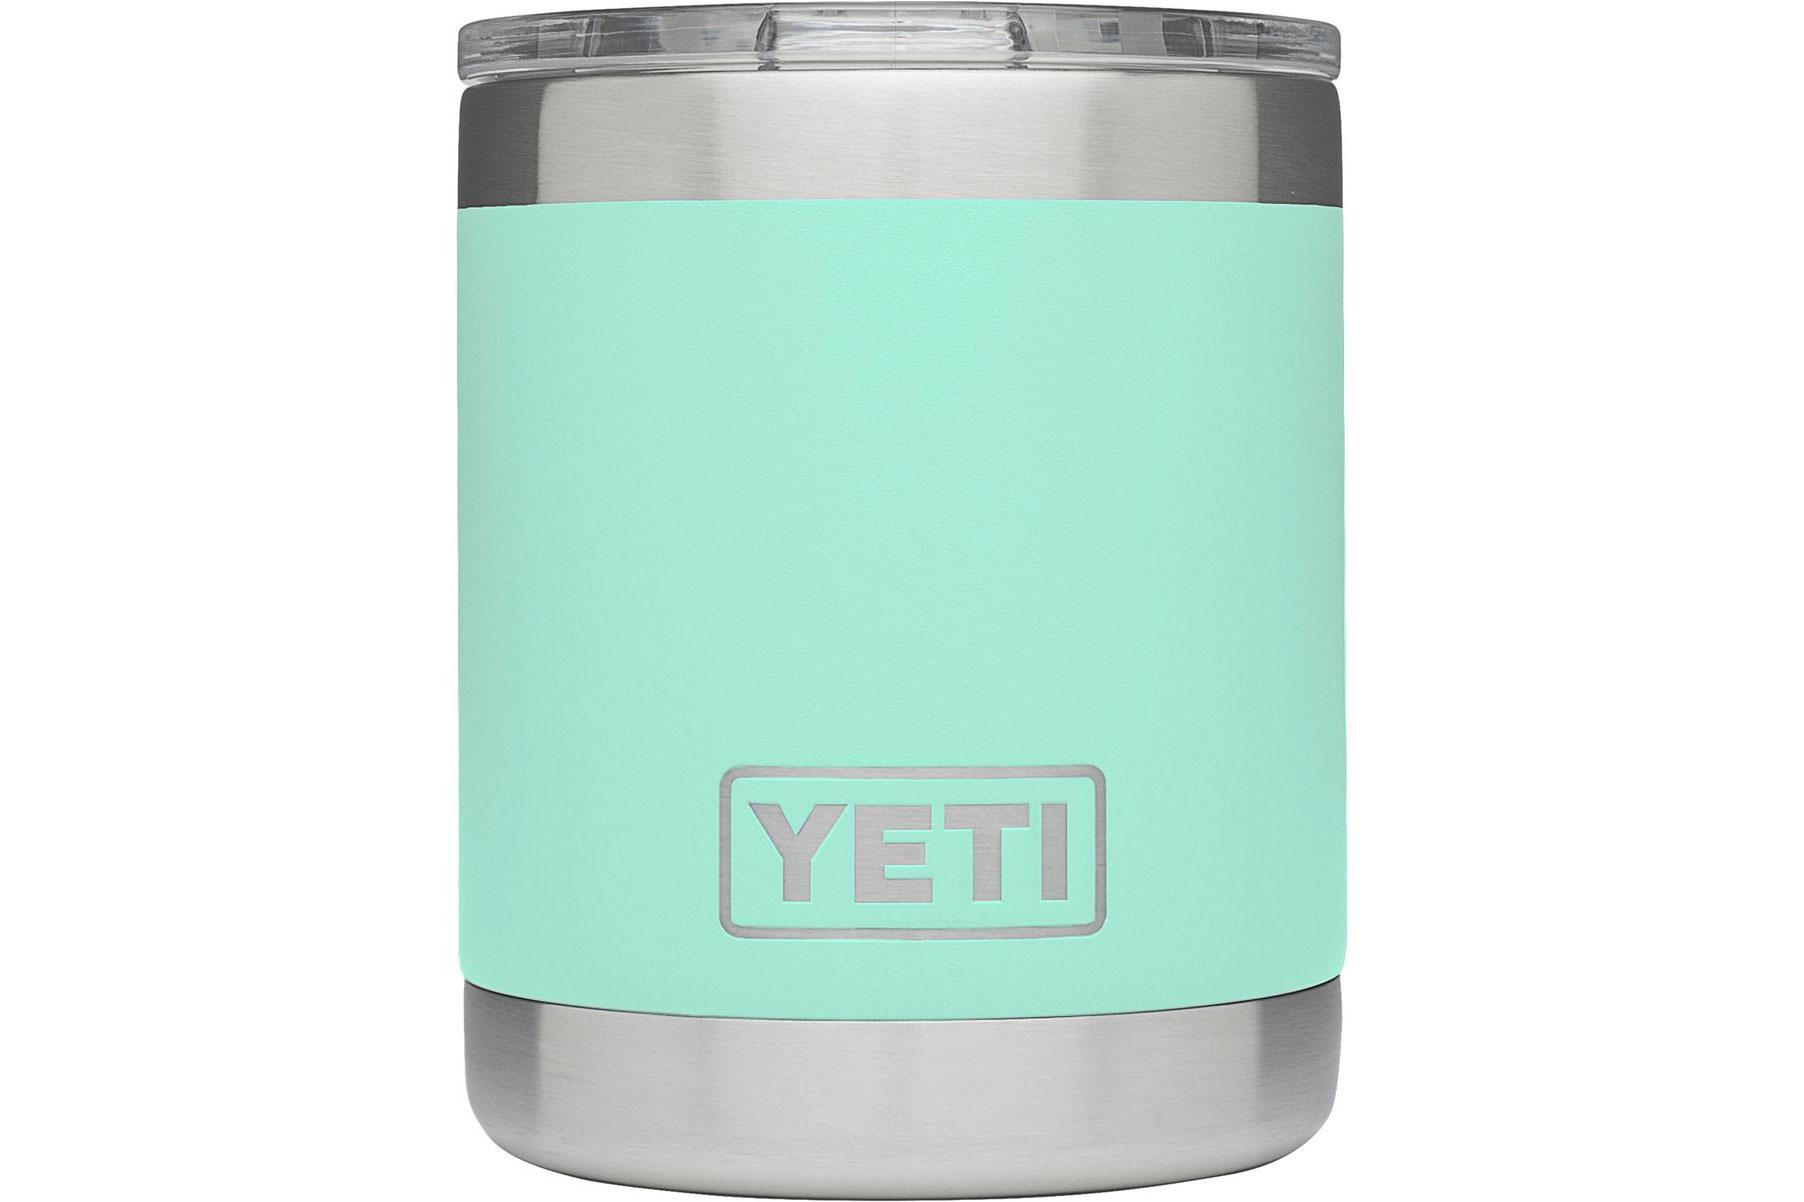 YETI Rambler 10 oz mug